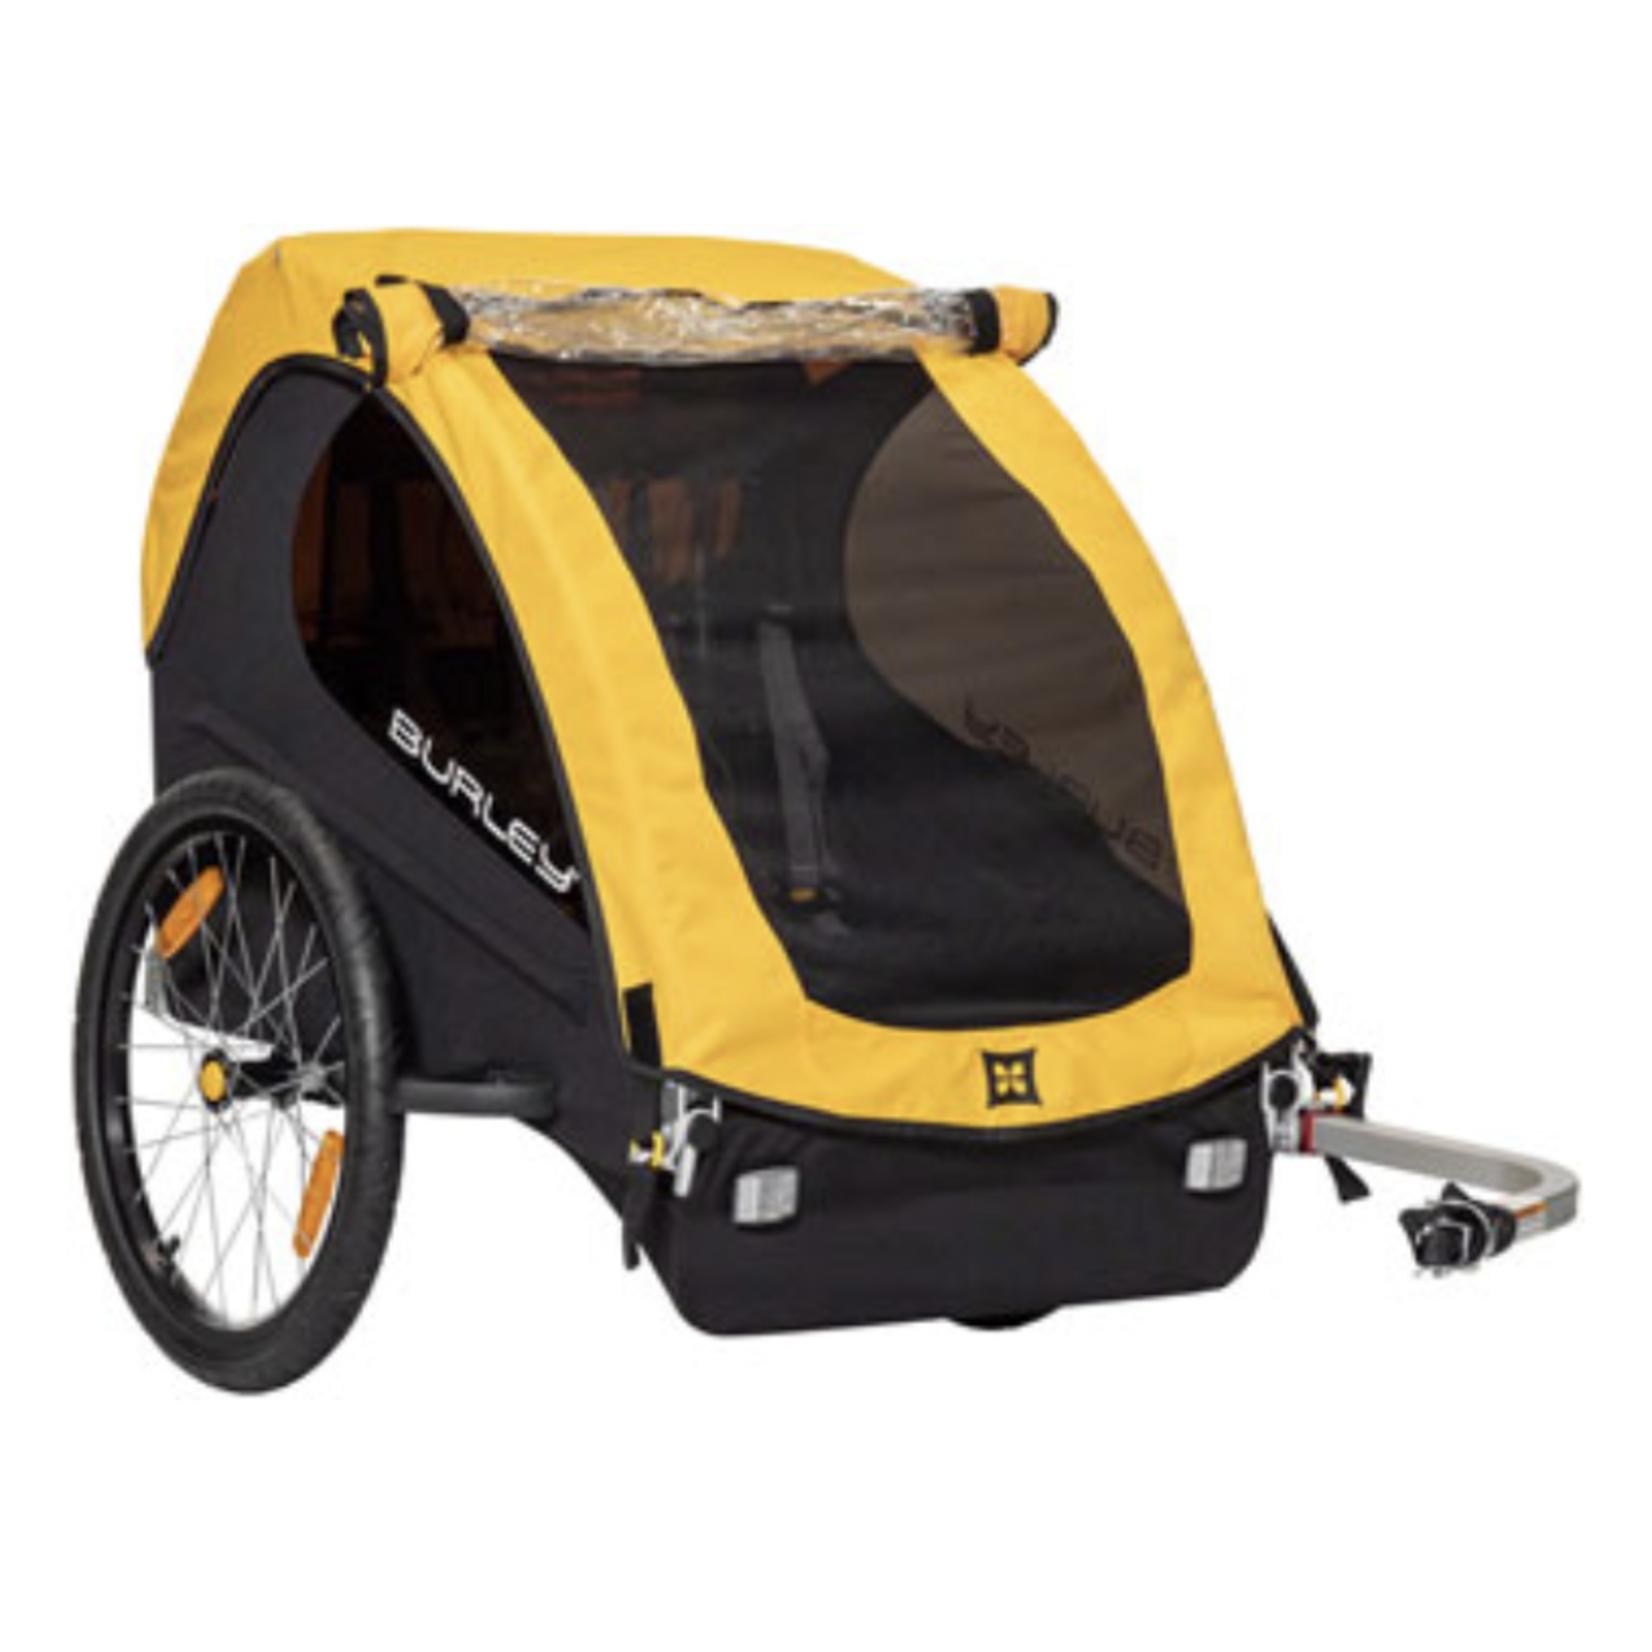 BURLEY Burley Bee 2016 Child Trailer Yellow Double Seat